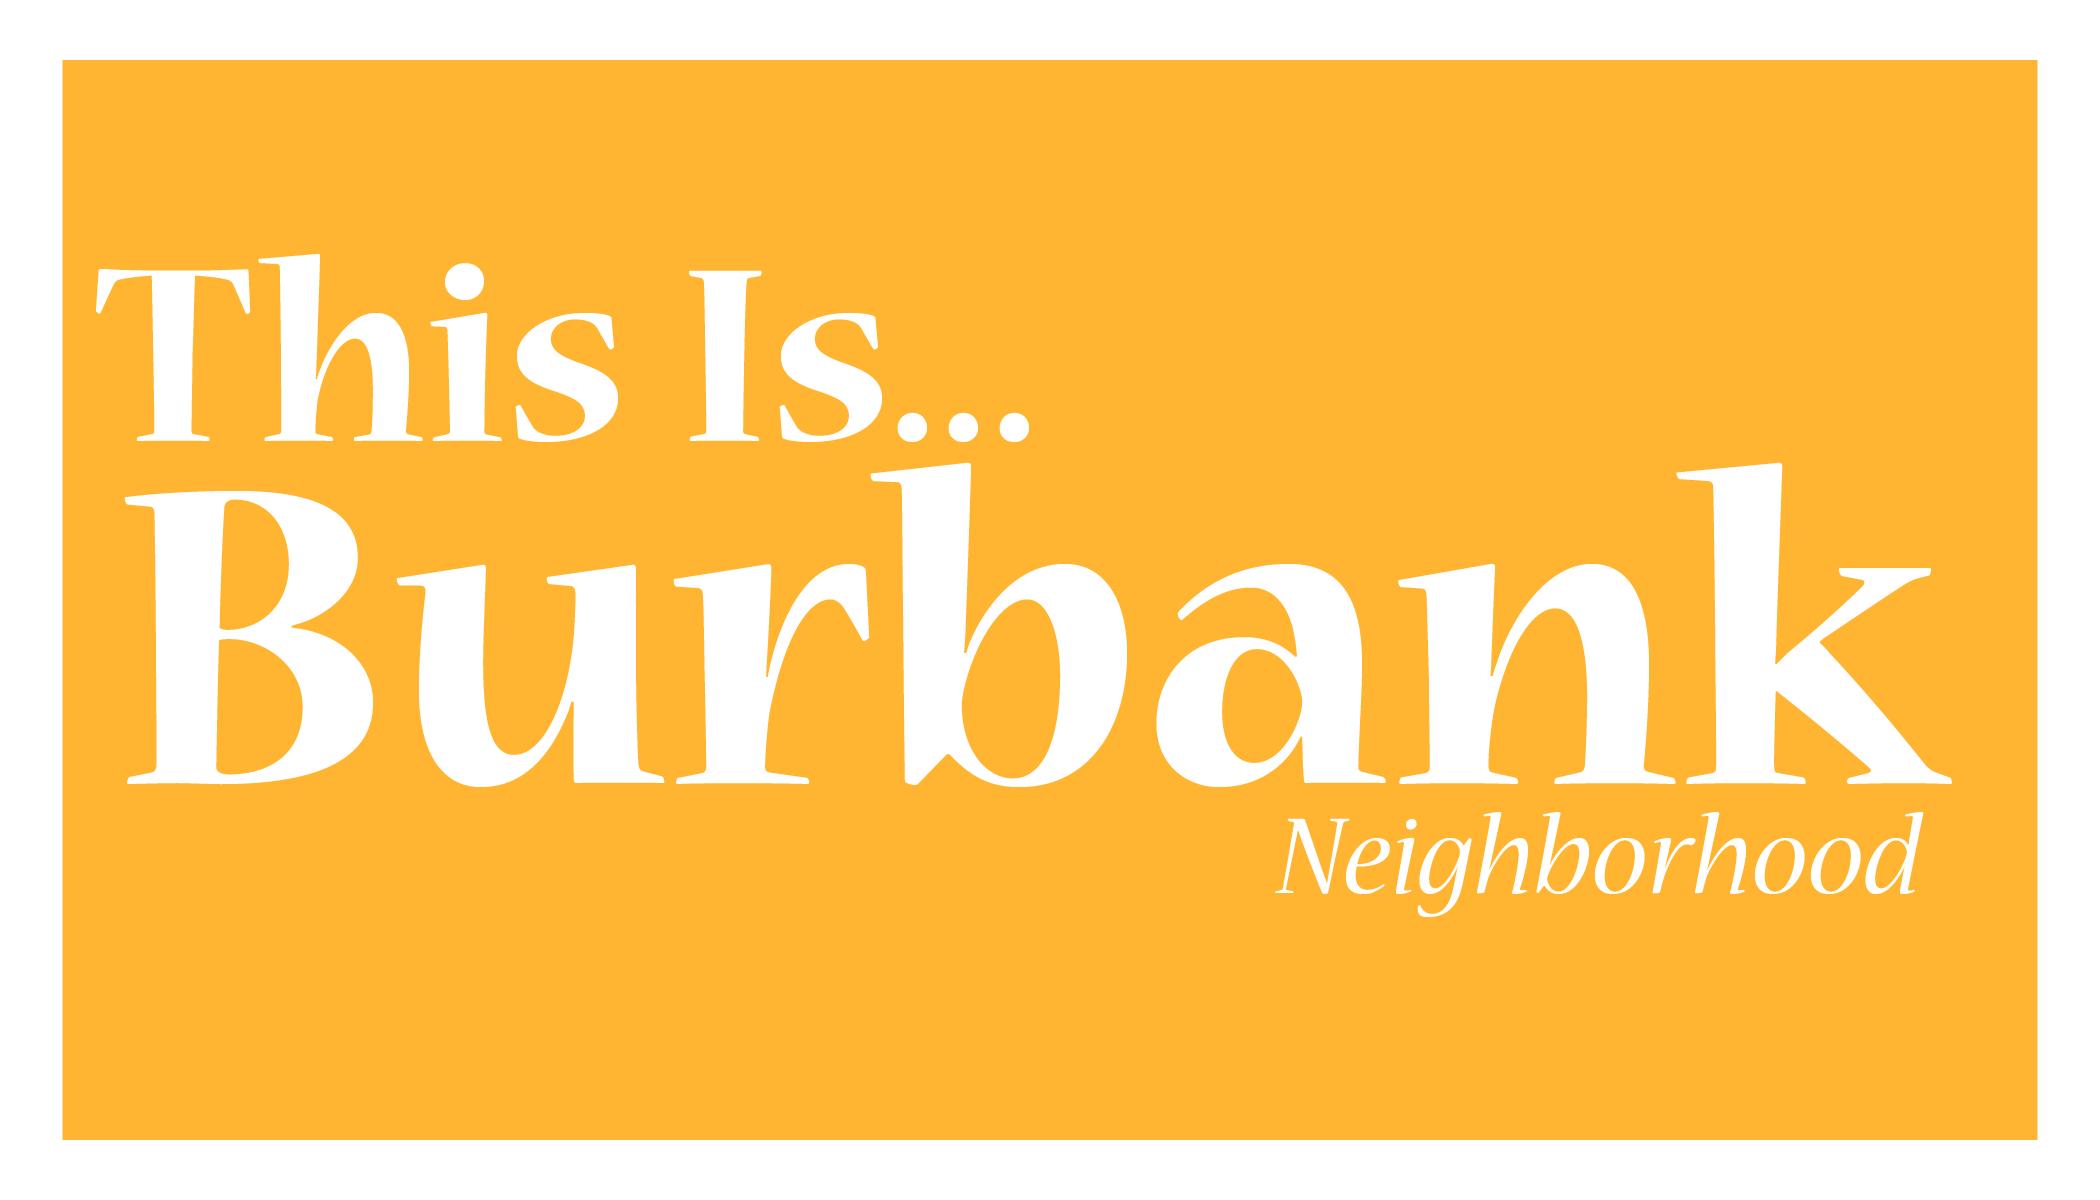 Burbank-01.png